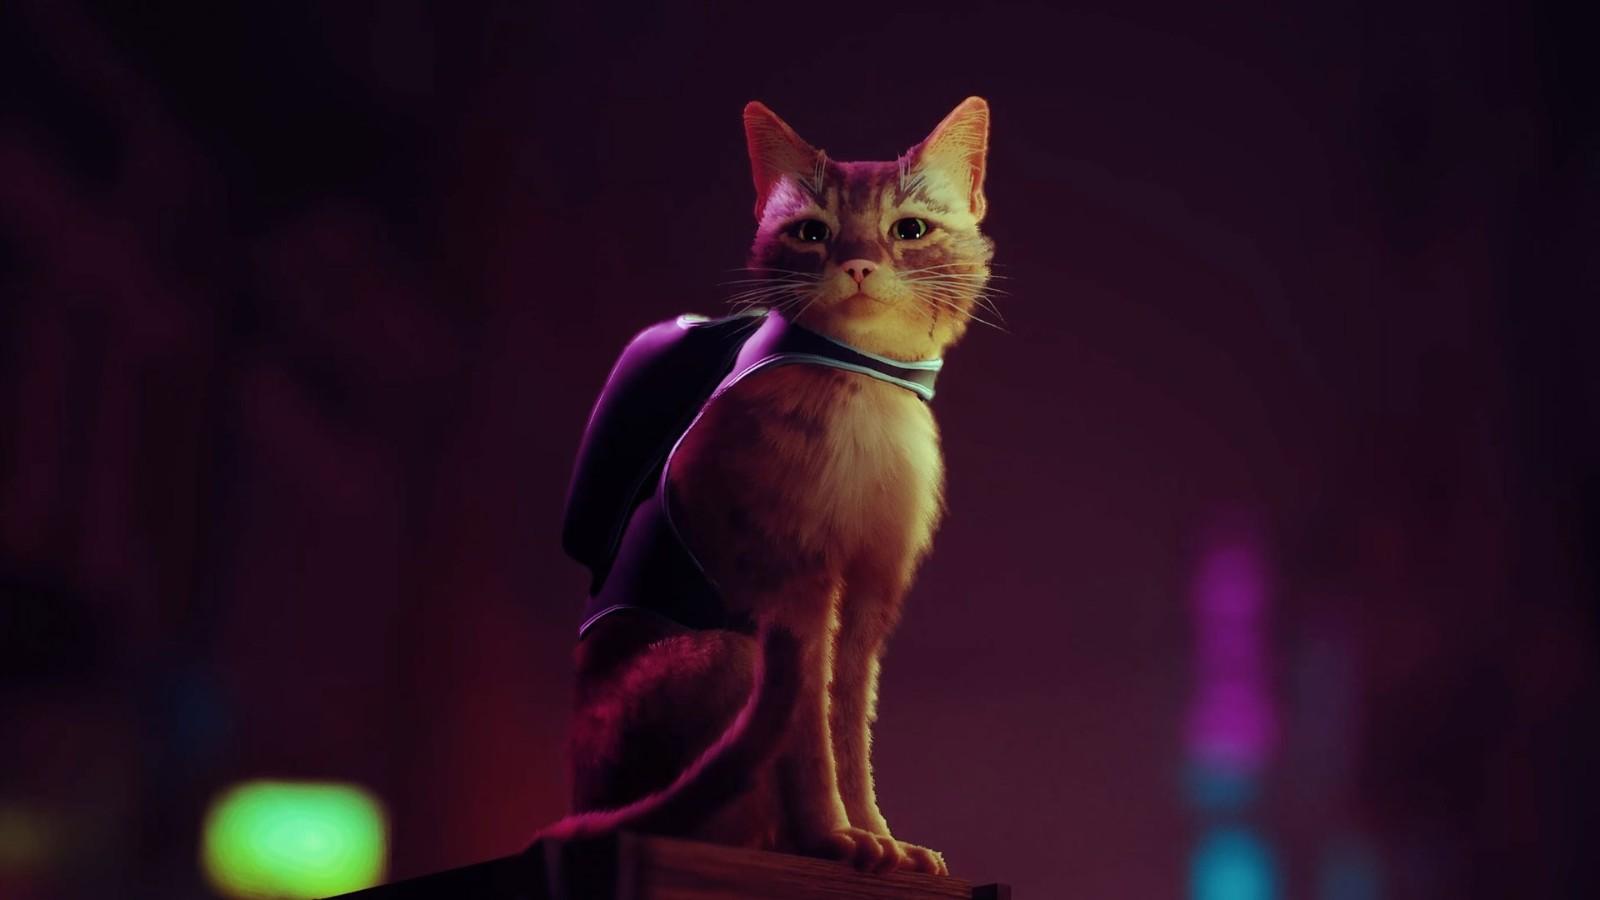 第三人称猫猫冒险《迷失》实机演示